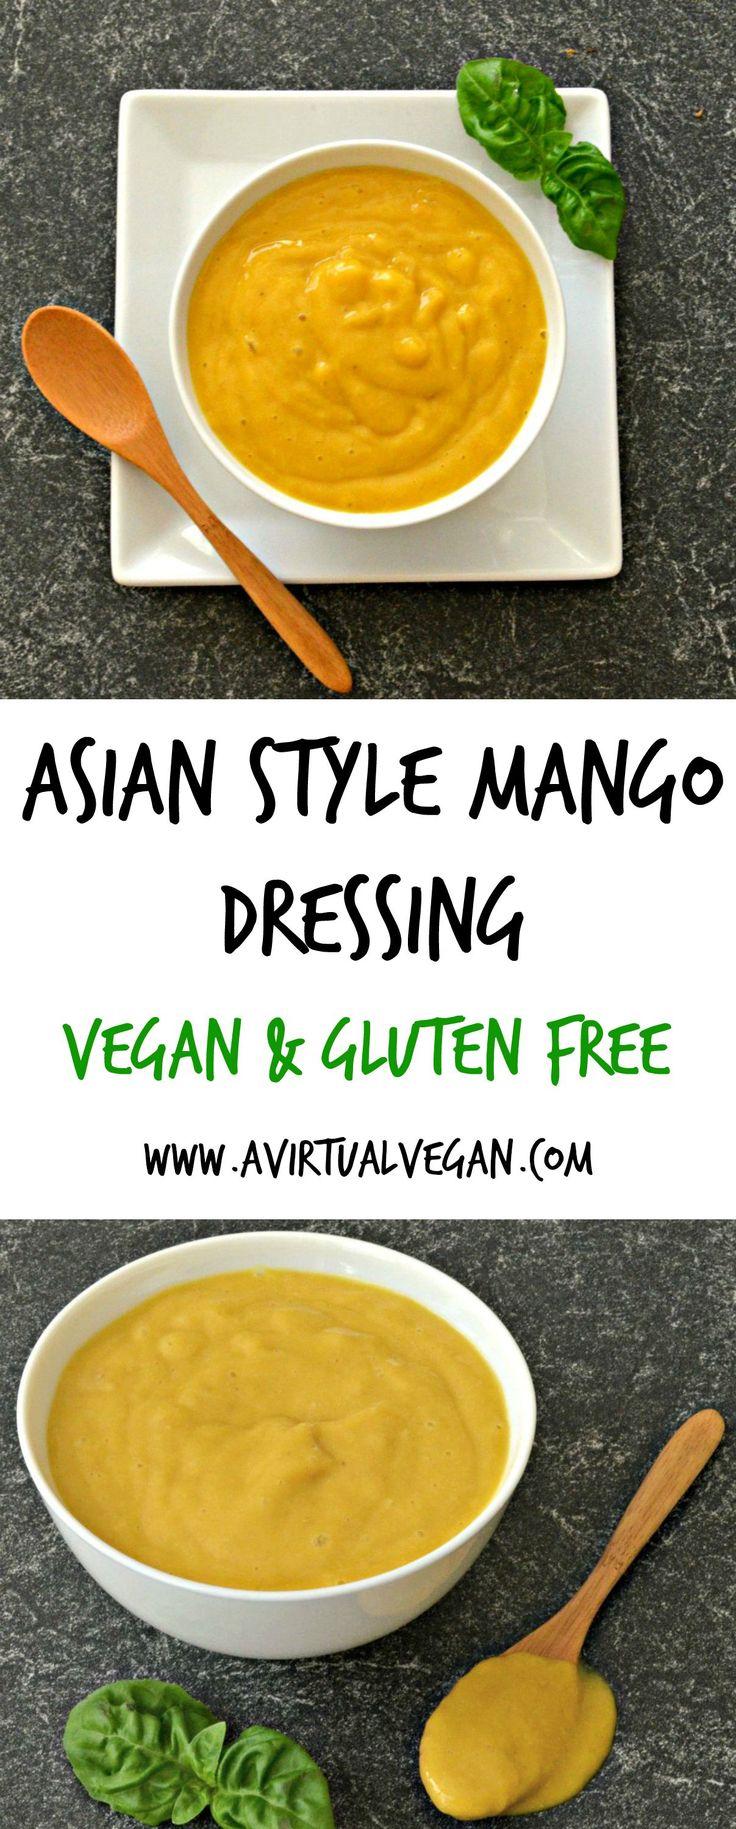 ... Mango Salad Dressing   Recipe   Mango dressing, Dressing and Style